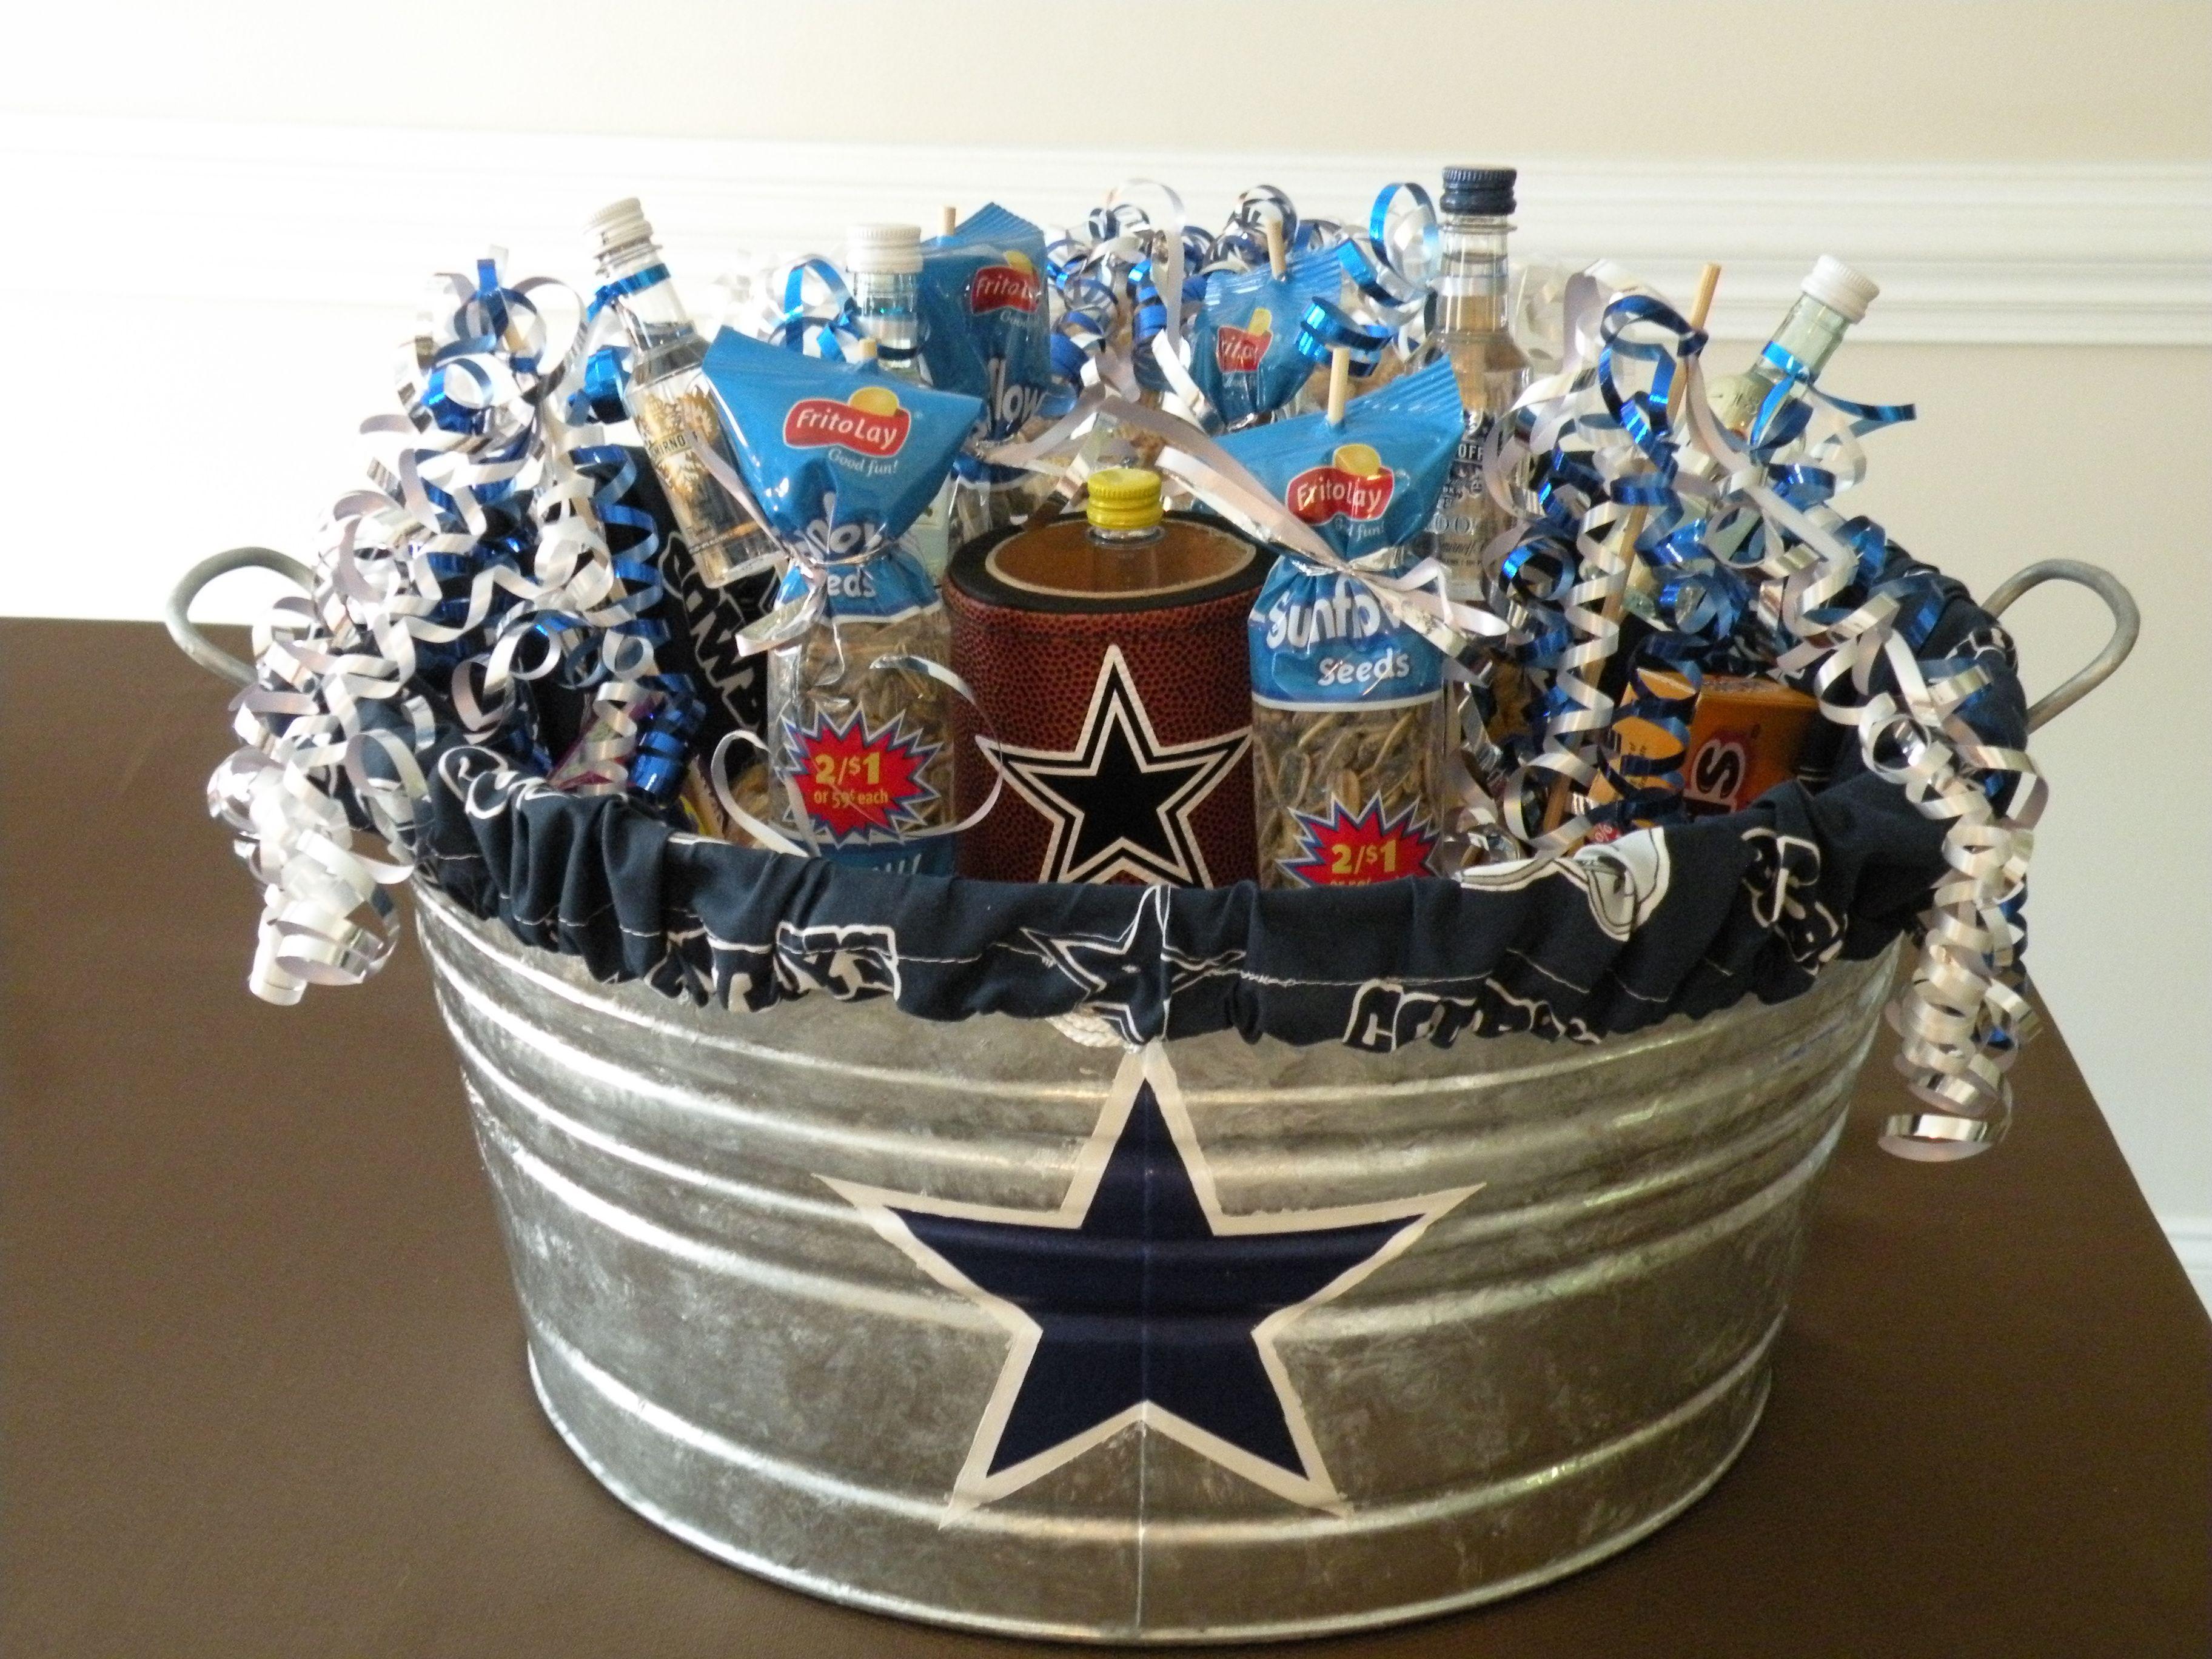 Husbands Dallas Cowboys Birthday Gift Filled With Big Boy Stuff